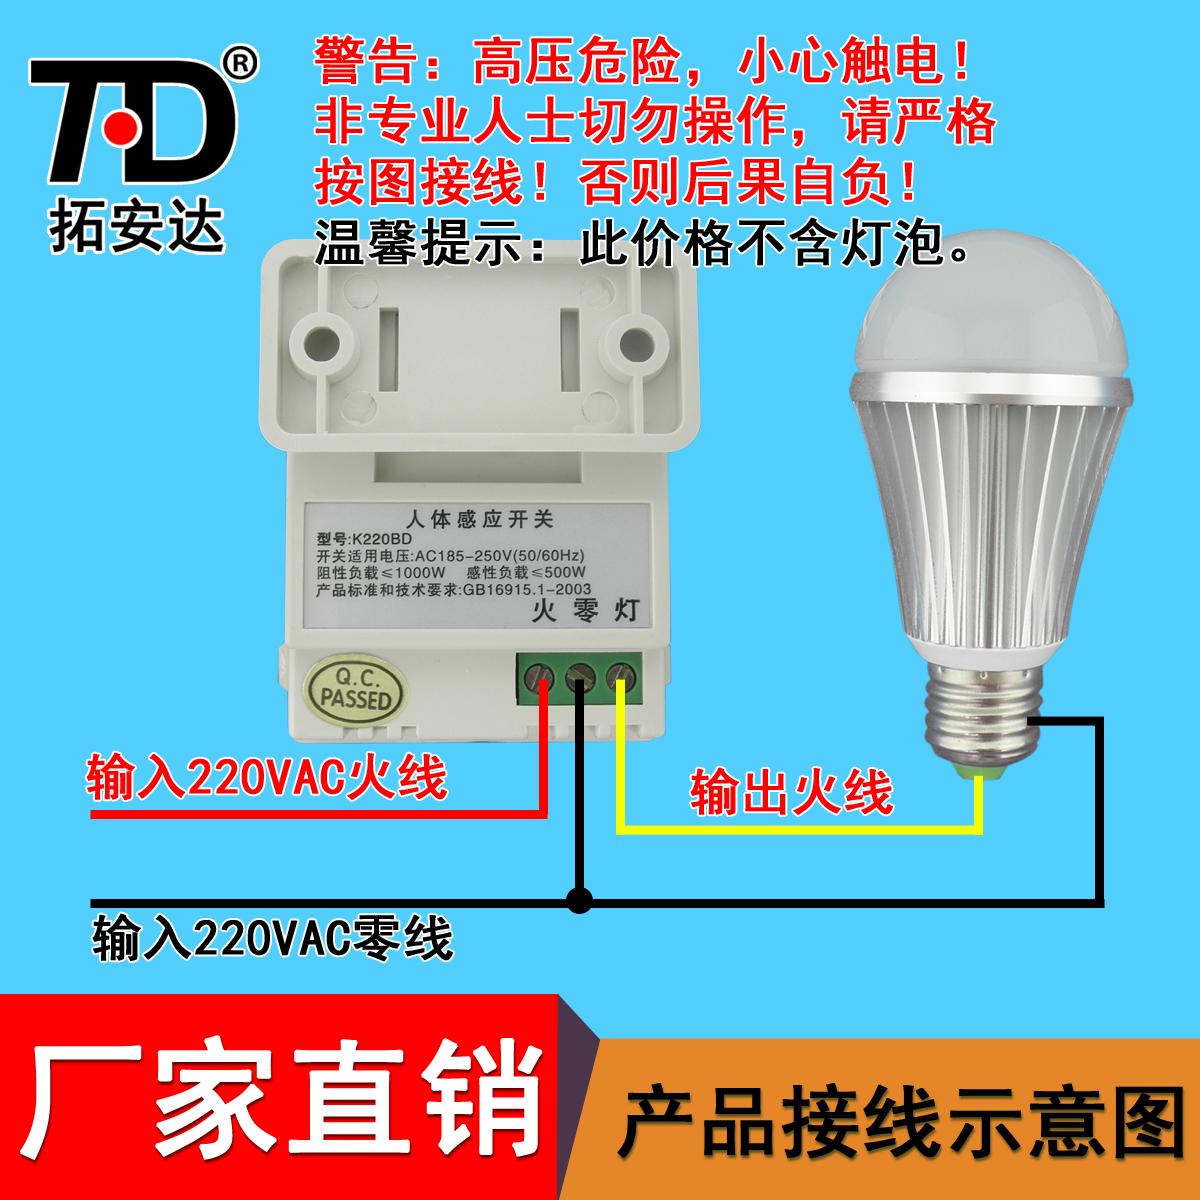 220 فولت هيئة التعريفي التبديل توفير الطاقة مصباح الصمام مصباح التعريفي الأشعة تحت الحمراء في اتجاه حرية ضبط التتابع